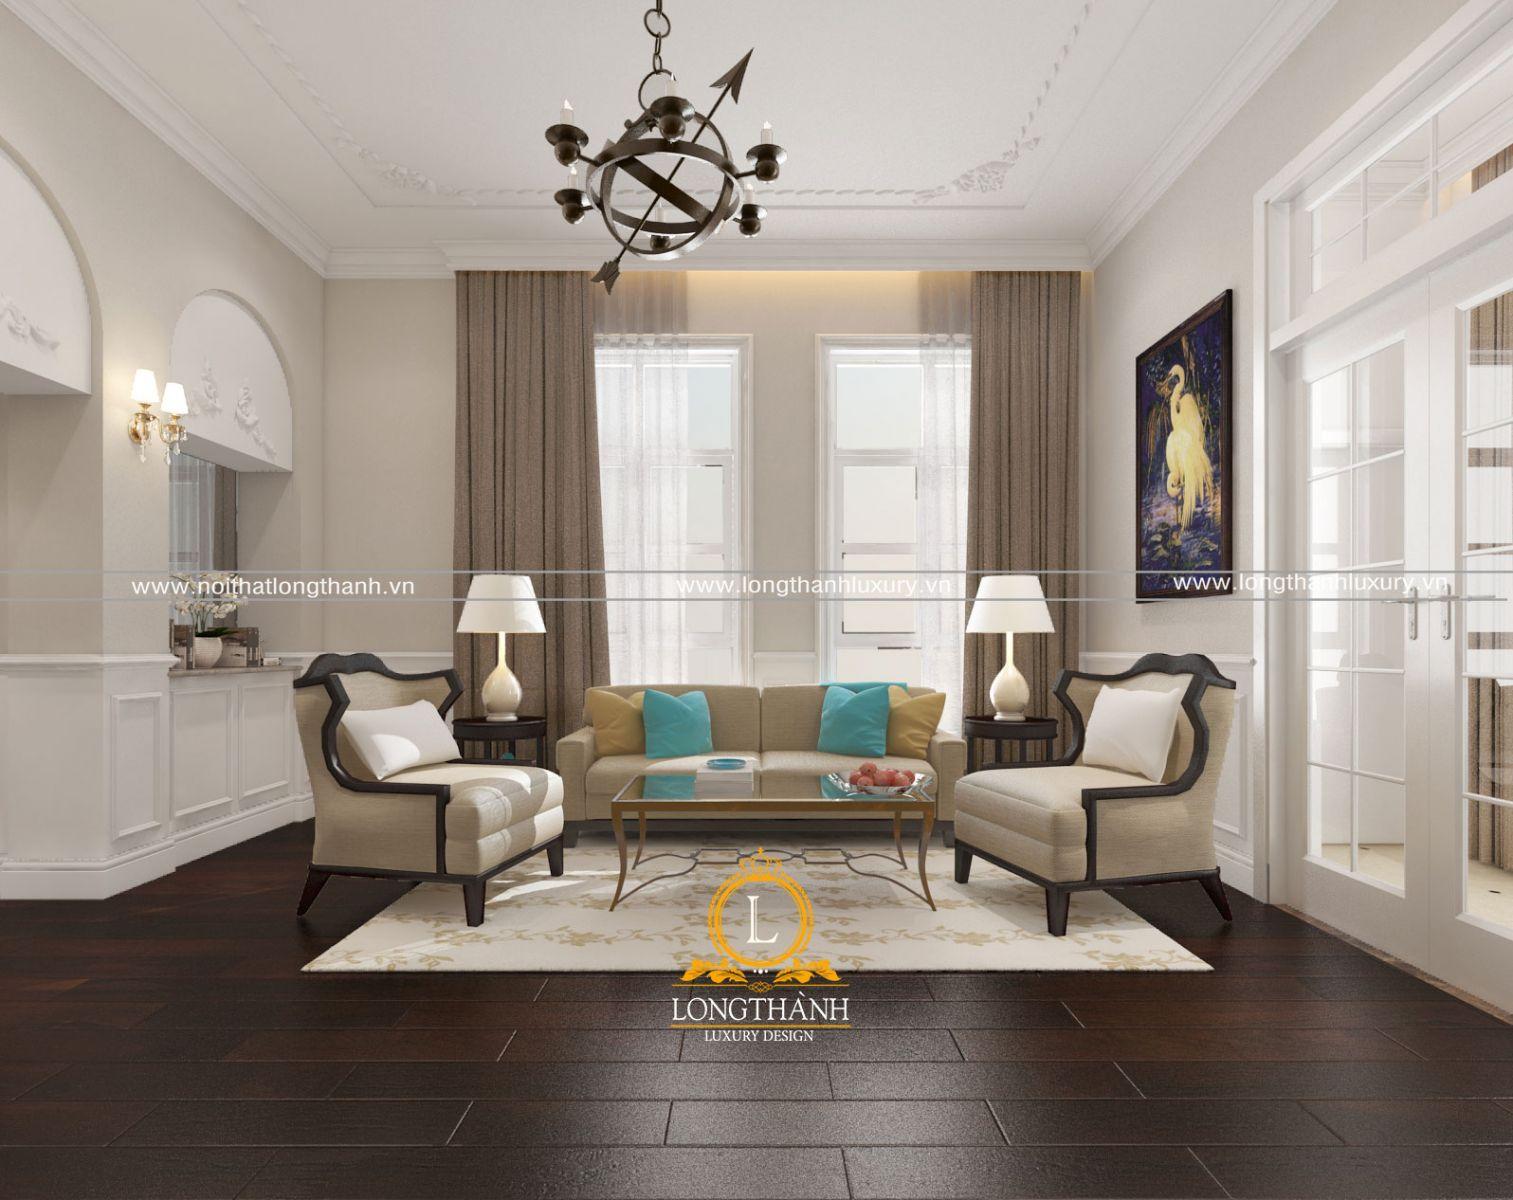 Sofa đẹp cho căn hộ nhỏ